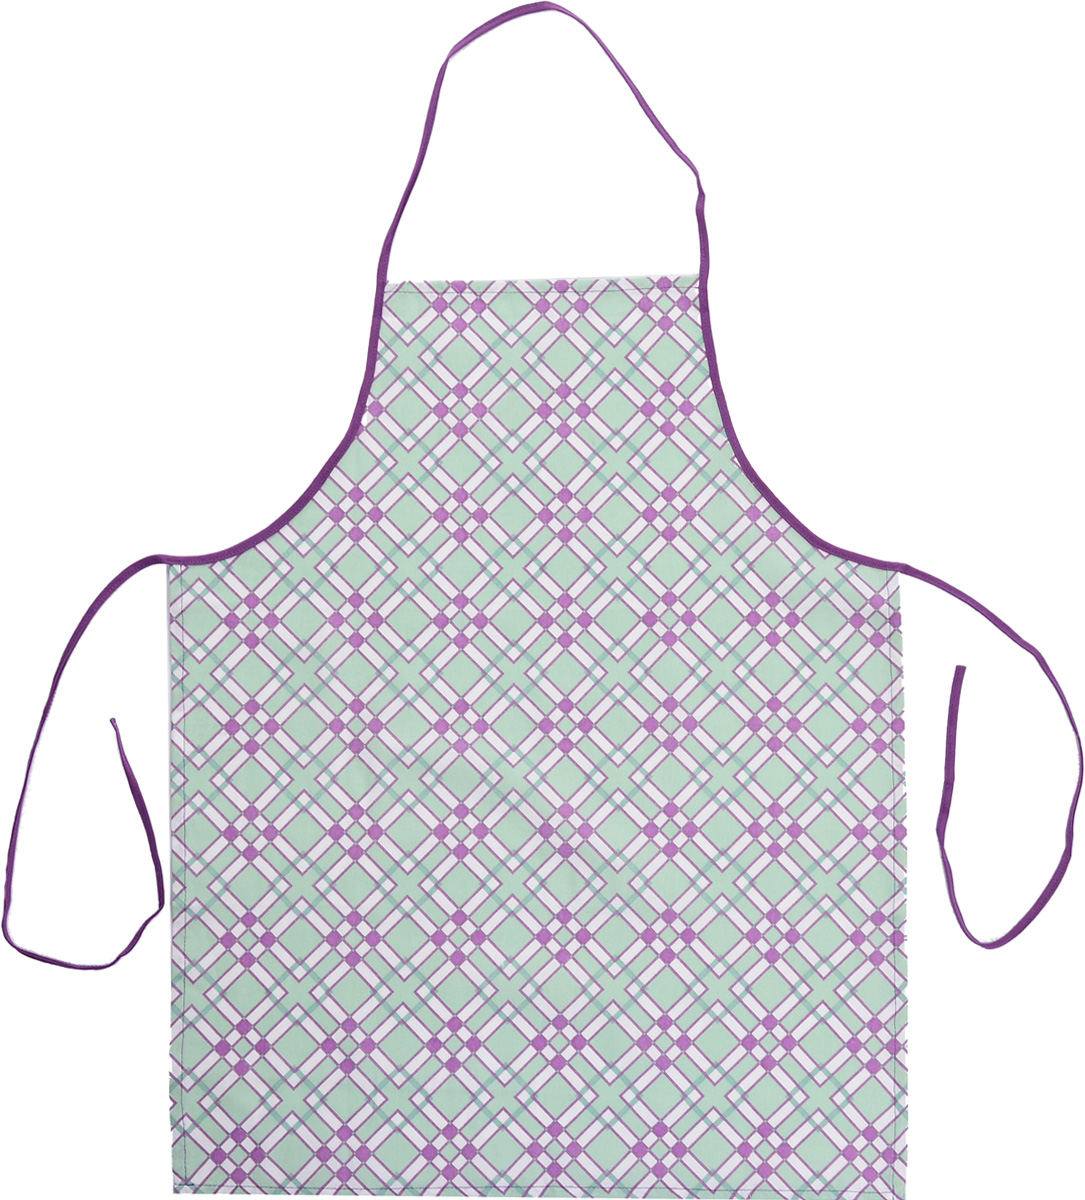 Фартук Bonita Черничный мохито, 56 х 67 смVT-1520(SR)Фартук Bonita Черничный мохито изготовлен из натурального хлопка с покрытием, которое отталкивает грязь, воду и масло. Фартук оснащен завязками. Имеет универсальный размер. Декорирован красивым геометрическим узором, который понравится любой хозяйке.Такой фартук поможет вам избежать попадания еды на одежду во время приготовления пищи. Кухня - это сердце дома, где вся семья собирается вместе. Она бережно хранит и поддерживает жизнь домашнего очага, который нас согревает. Именно поэтому так важно создать здесь атмосферу, которая не только возбудит аппетит, но и наполнит жизненной энергией. С текстилем Bonita открывается возможность не только каждый день дарить кухне новый облик, но и создавать настоящие кулинарные шедевры. Bonita станет незаменимым помощником и идейным вдохновителем, создающим вкусное настроение на вашей кухне.